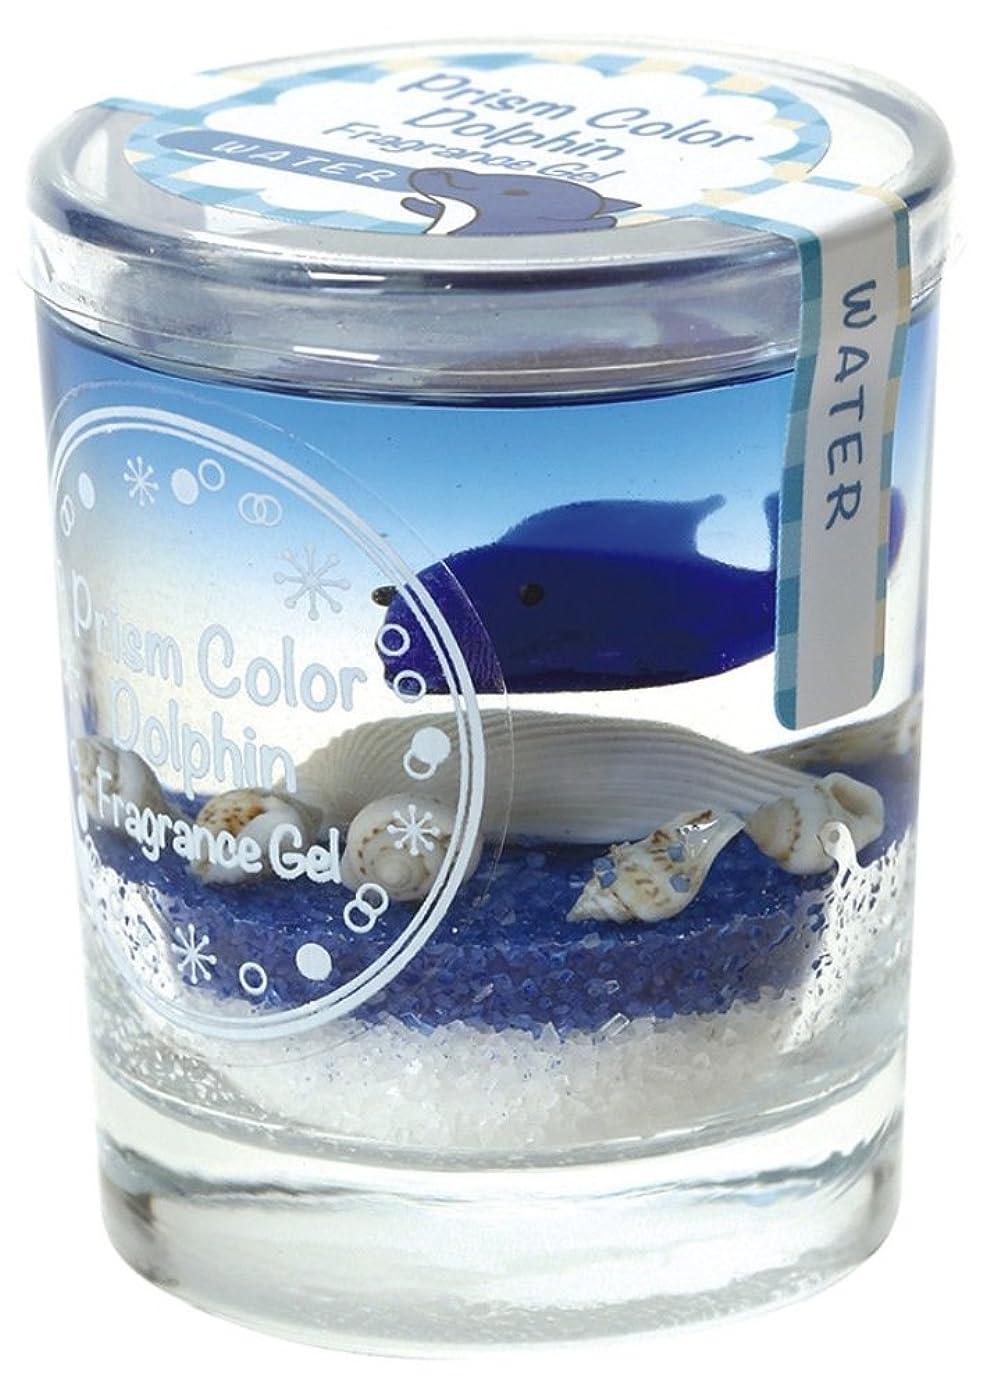 免疫マントルアルカトラズ島ノルコーポレーション フレグランスジェル プリズムカラードルフィン ウォーターの香り OA-PZG-2-1